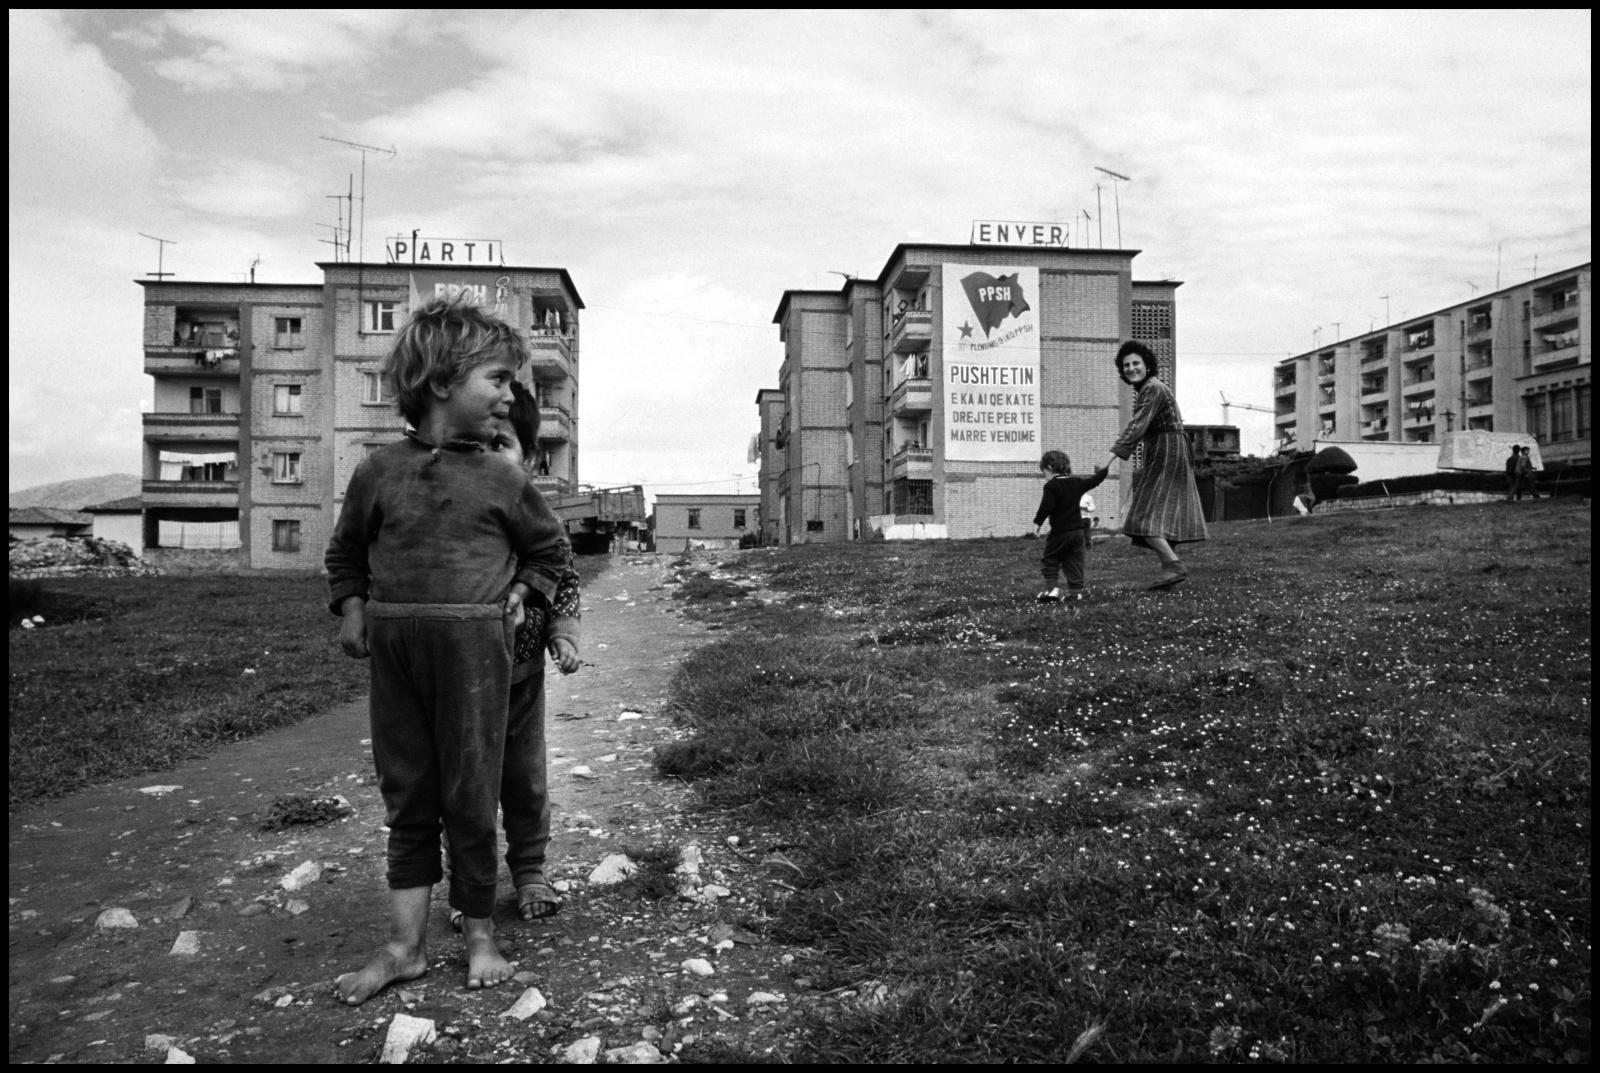 Albania 1989, il paese delle aquile, chiusa al mondo occidentale per quarantacinque anni fino alla caduta ufficiale del regime comunista nel febbraio del 1991. Edilizia popolare  alla periferia di Tirana con cartelloni inneggianti al Partito Comunista albanese